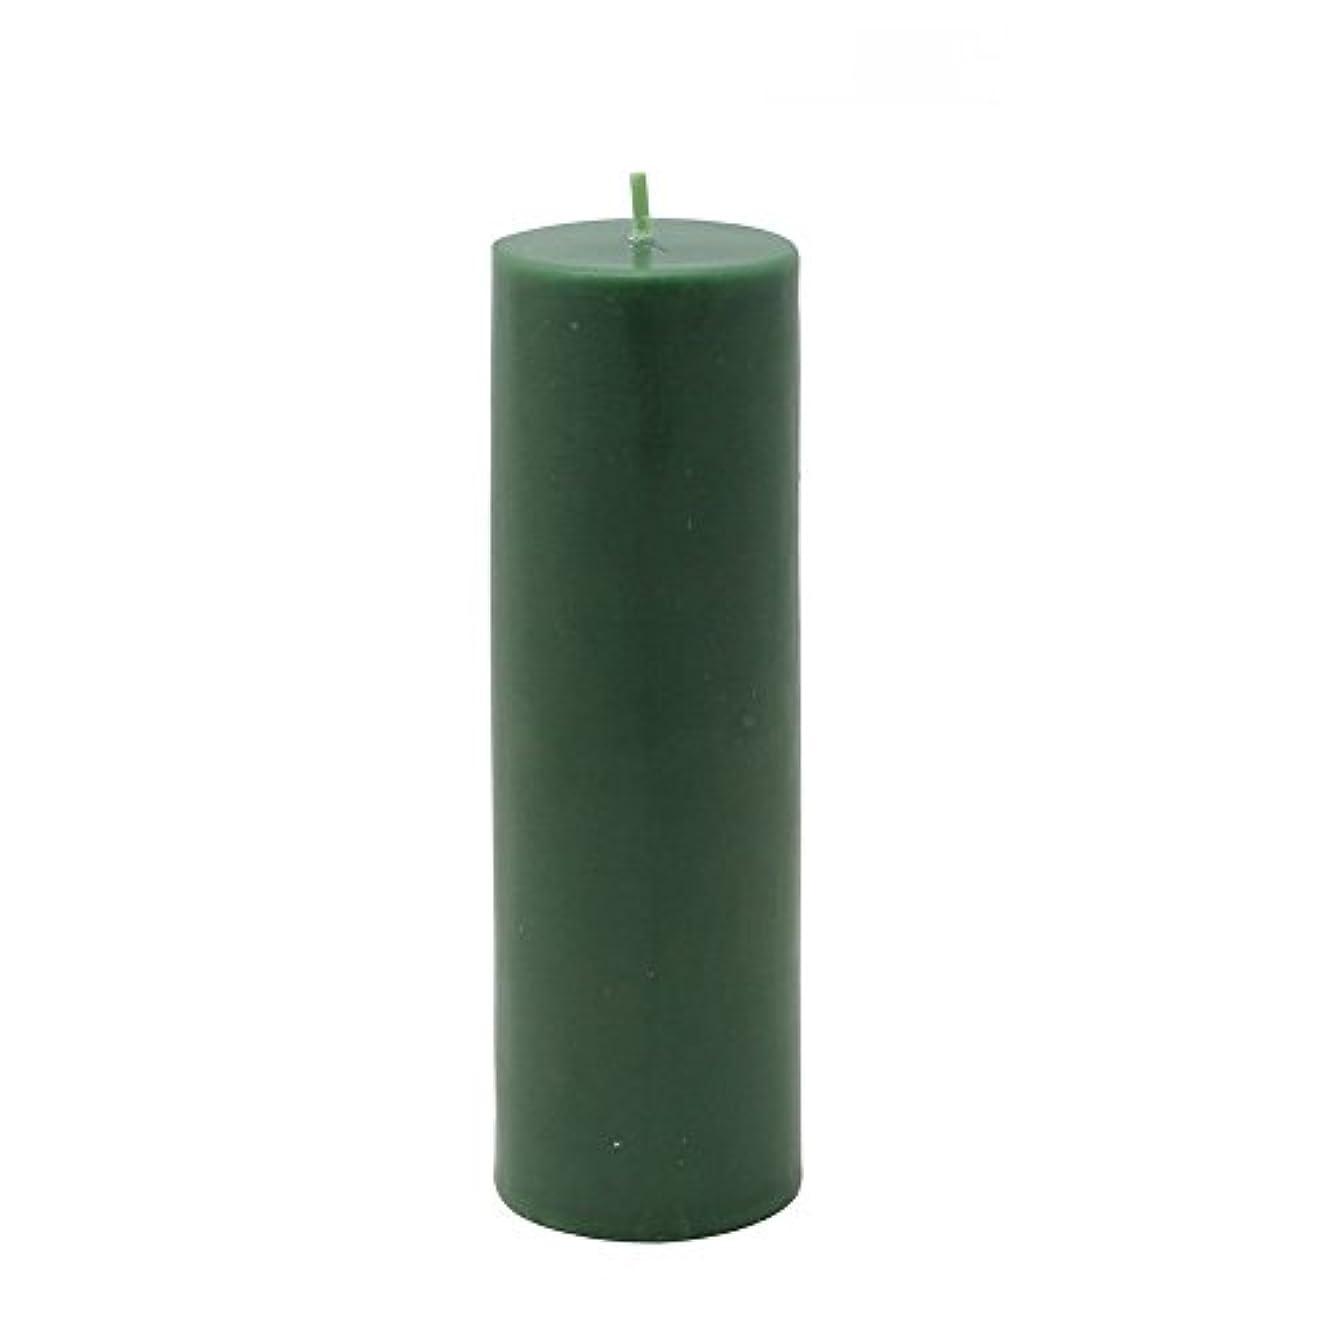 代表ラオス人月面Zest Candle Pillar Candle, 2 by 6-Inch, Hunter Green [並行輸入品]